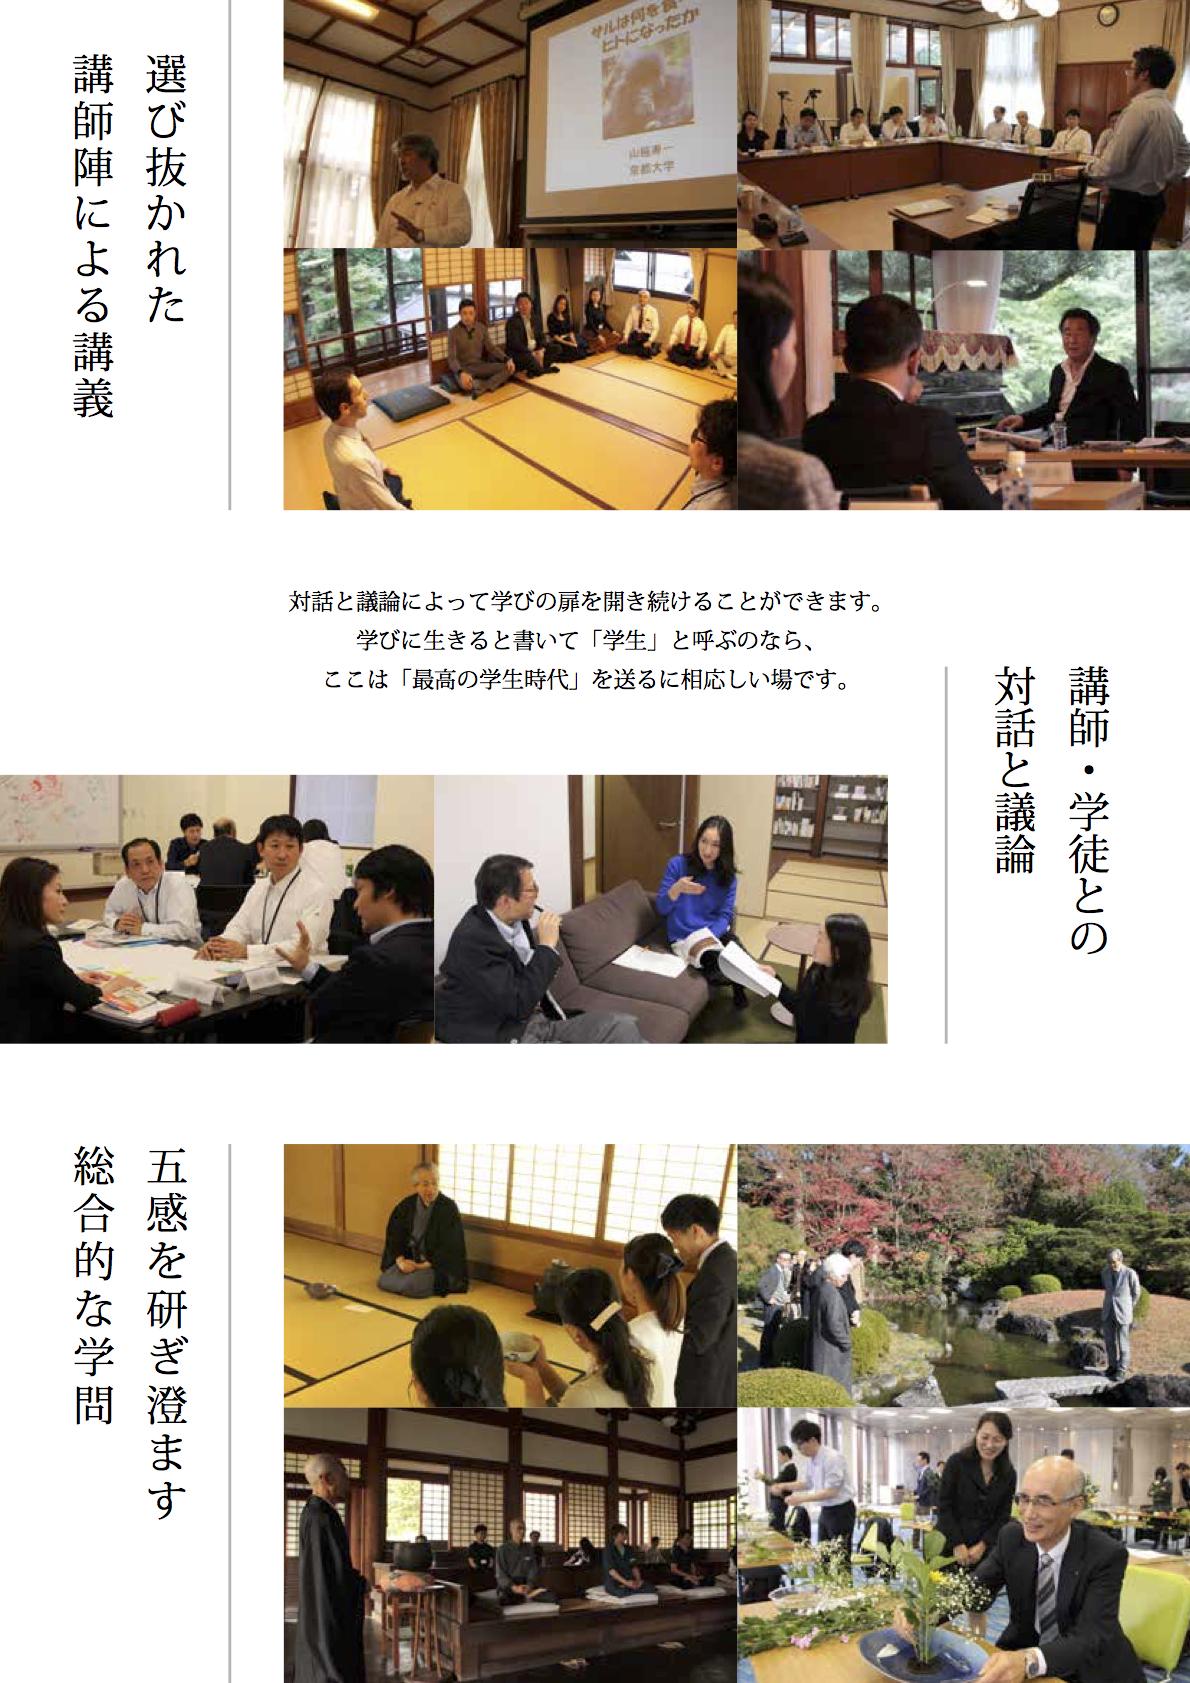 京都大学によるエグゼクティブのための教育プログラムです。受講者には産官学のあらゆる組織から将来のリーダー候補が集まります。講師には京都大学の教授を選出し、様々な分野の「本質」を問う講義を通じて、これからの時代の新たな価値を創り出すに足るリーダシップの知性を磨く「知の道場」をめざします。